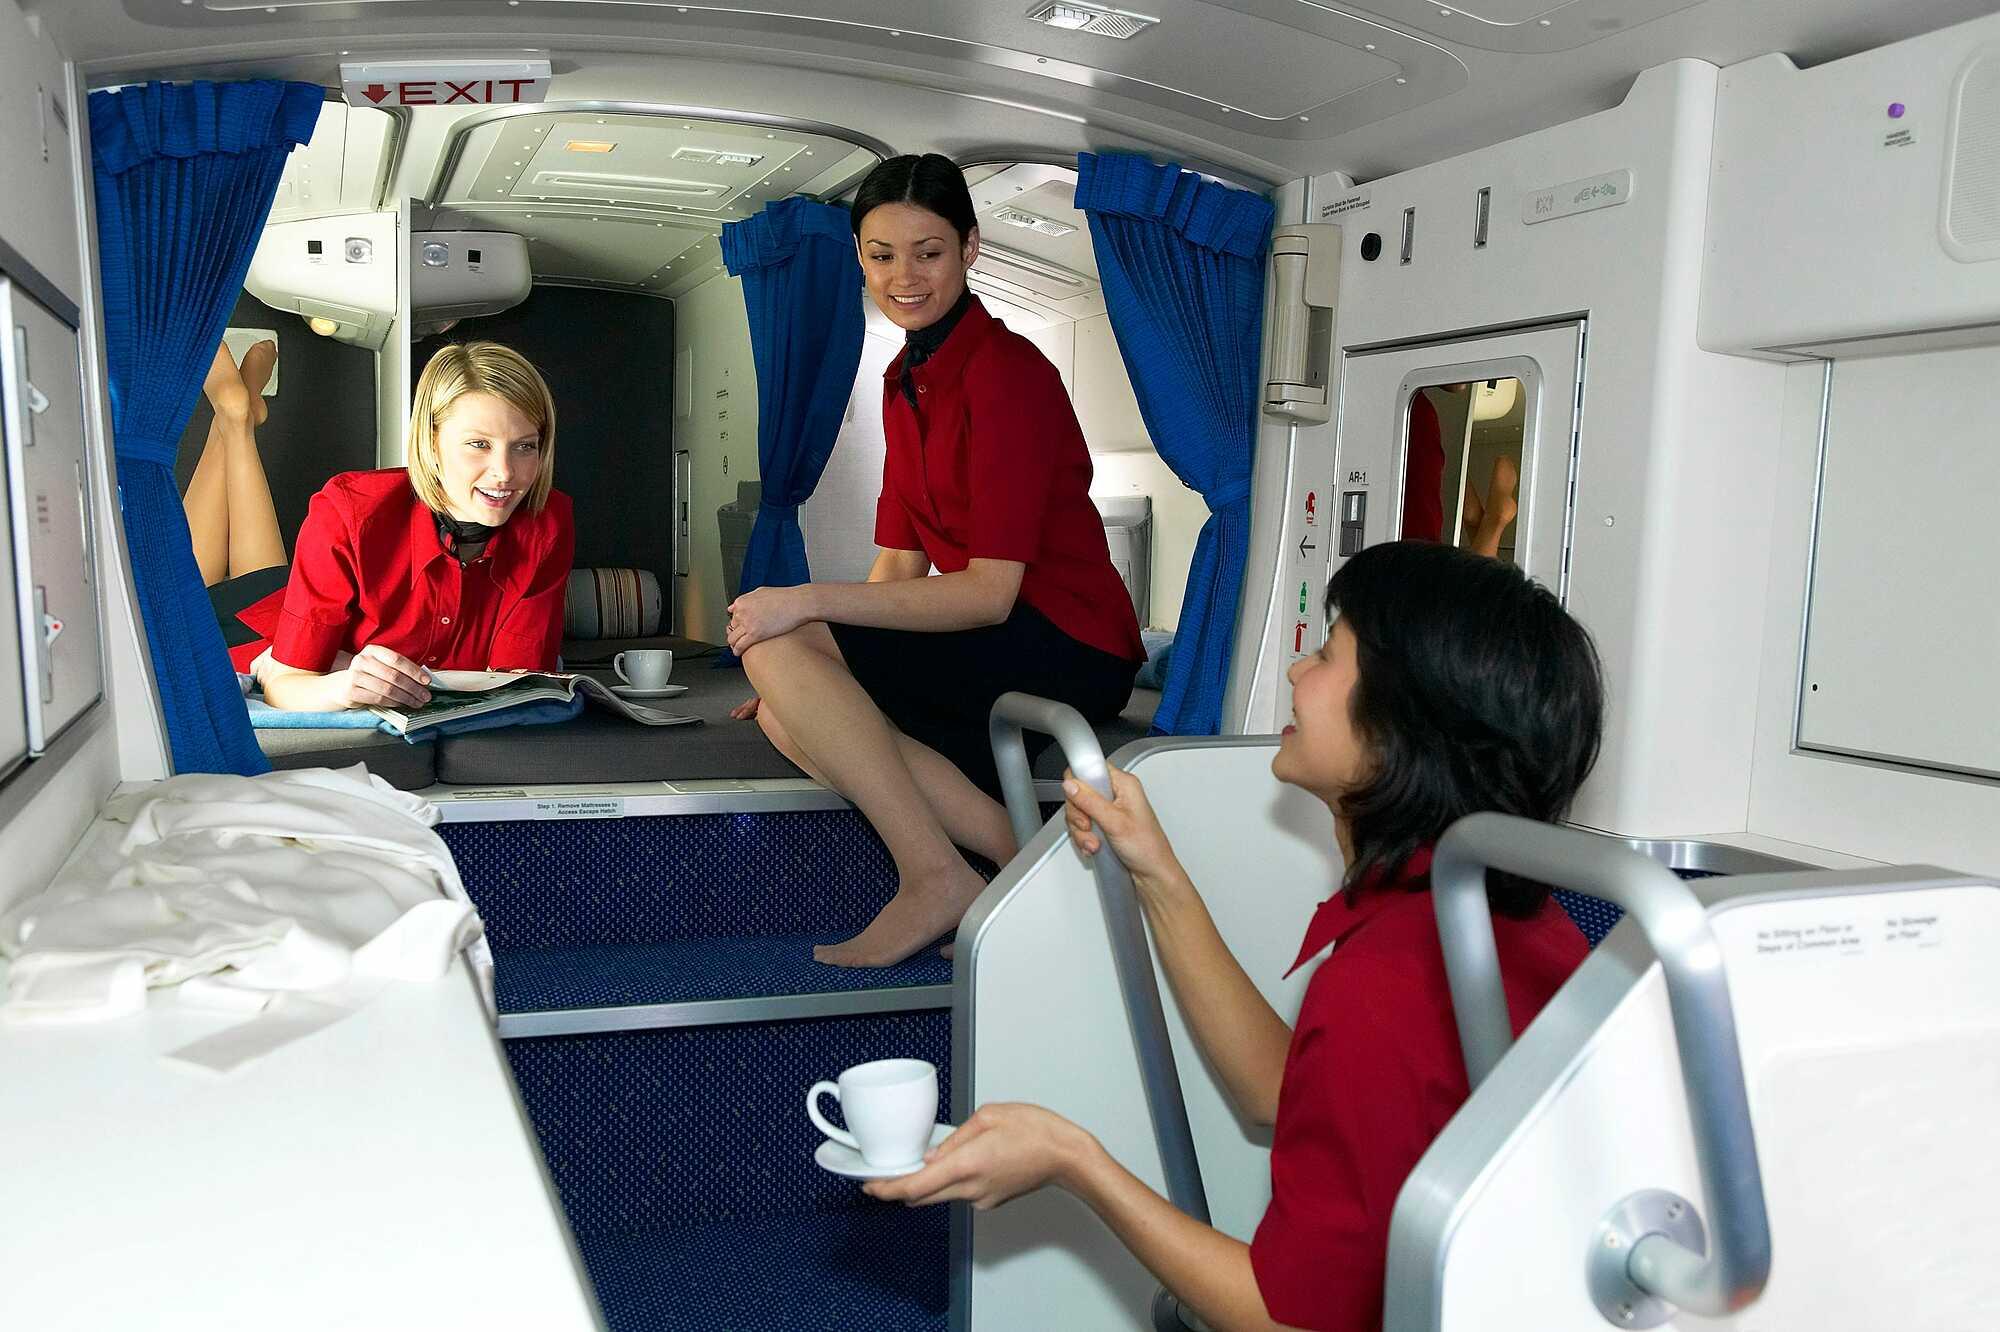 Không được phép ăn trước mặt kháchTiếp viên cũng là con người, cũng cần nạp năng lượng để có thể hoạt động. Nhưng họ luôn cố gắng ăn uống ngoài tầm nhìn của hành khách. Trong hầu hết máy bay, khoang hành khách được ngăn với không gian dành cho tiếp viên bằng một tấm rèm. Khi bạn đi vệ sinh và nhìn thấy tấm rèm đó được kéo xuống, điều đó có nghĩa là phi hành đoàn của bạn đang ăn, hoặc nghỉ ngơi. Ảnh: Boeing